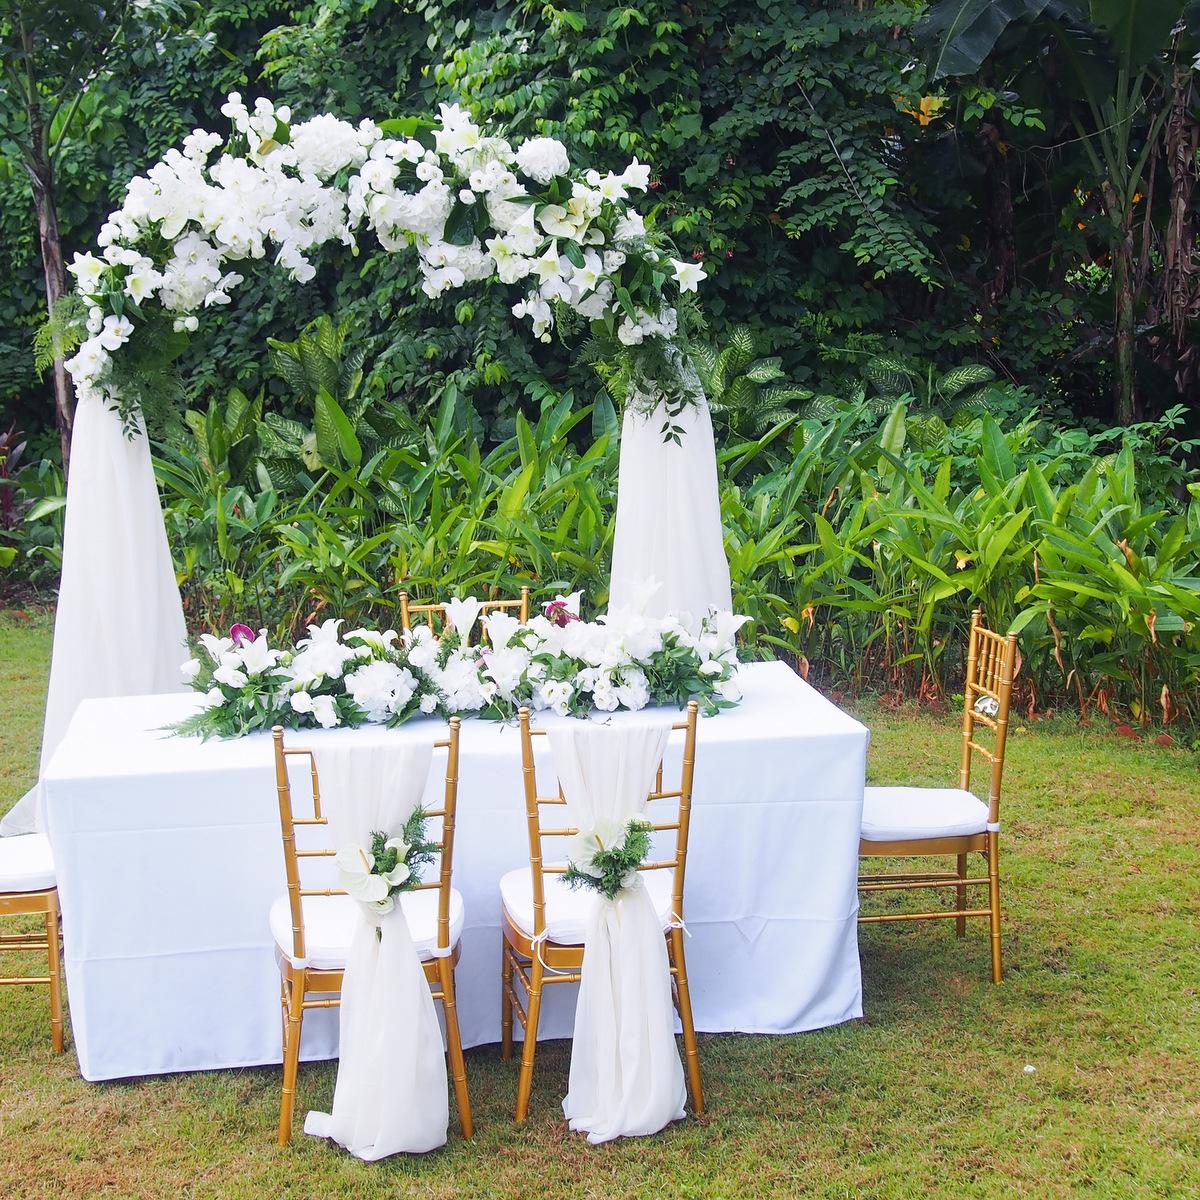 gallery - wedding decor – Floral Magic | decor: outdoor | Pinterest ...